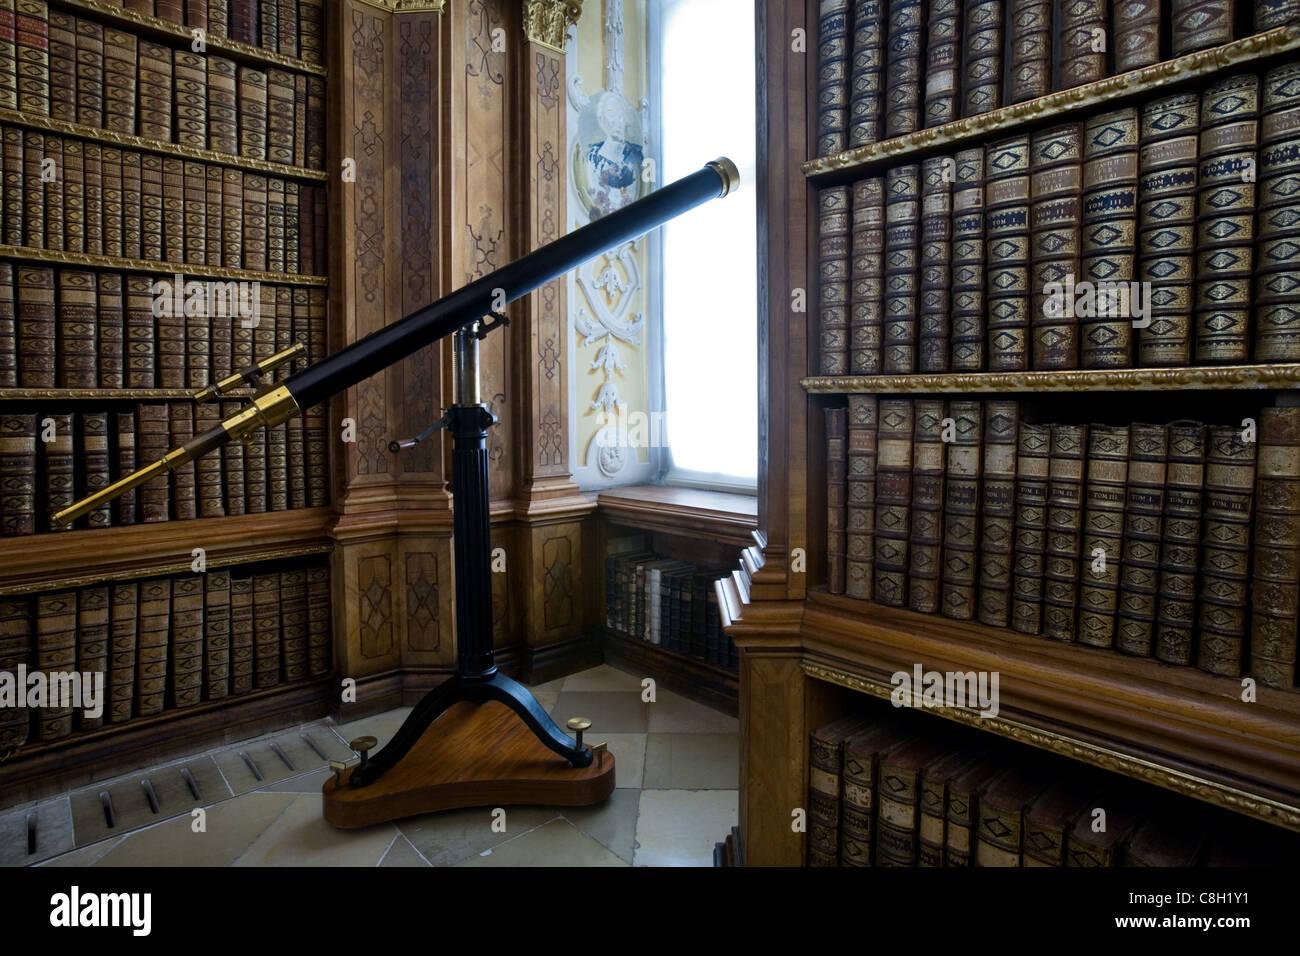 Melk Abbey Library Stock Photos  Melk Abbey Library Stock-9878